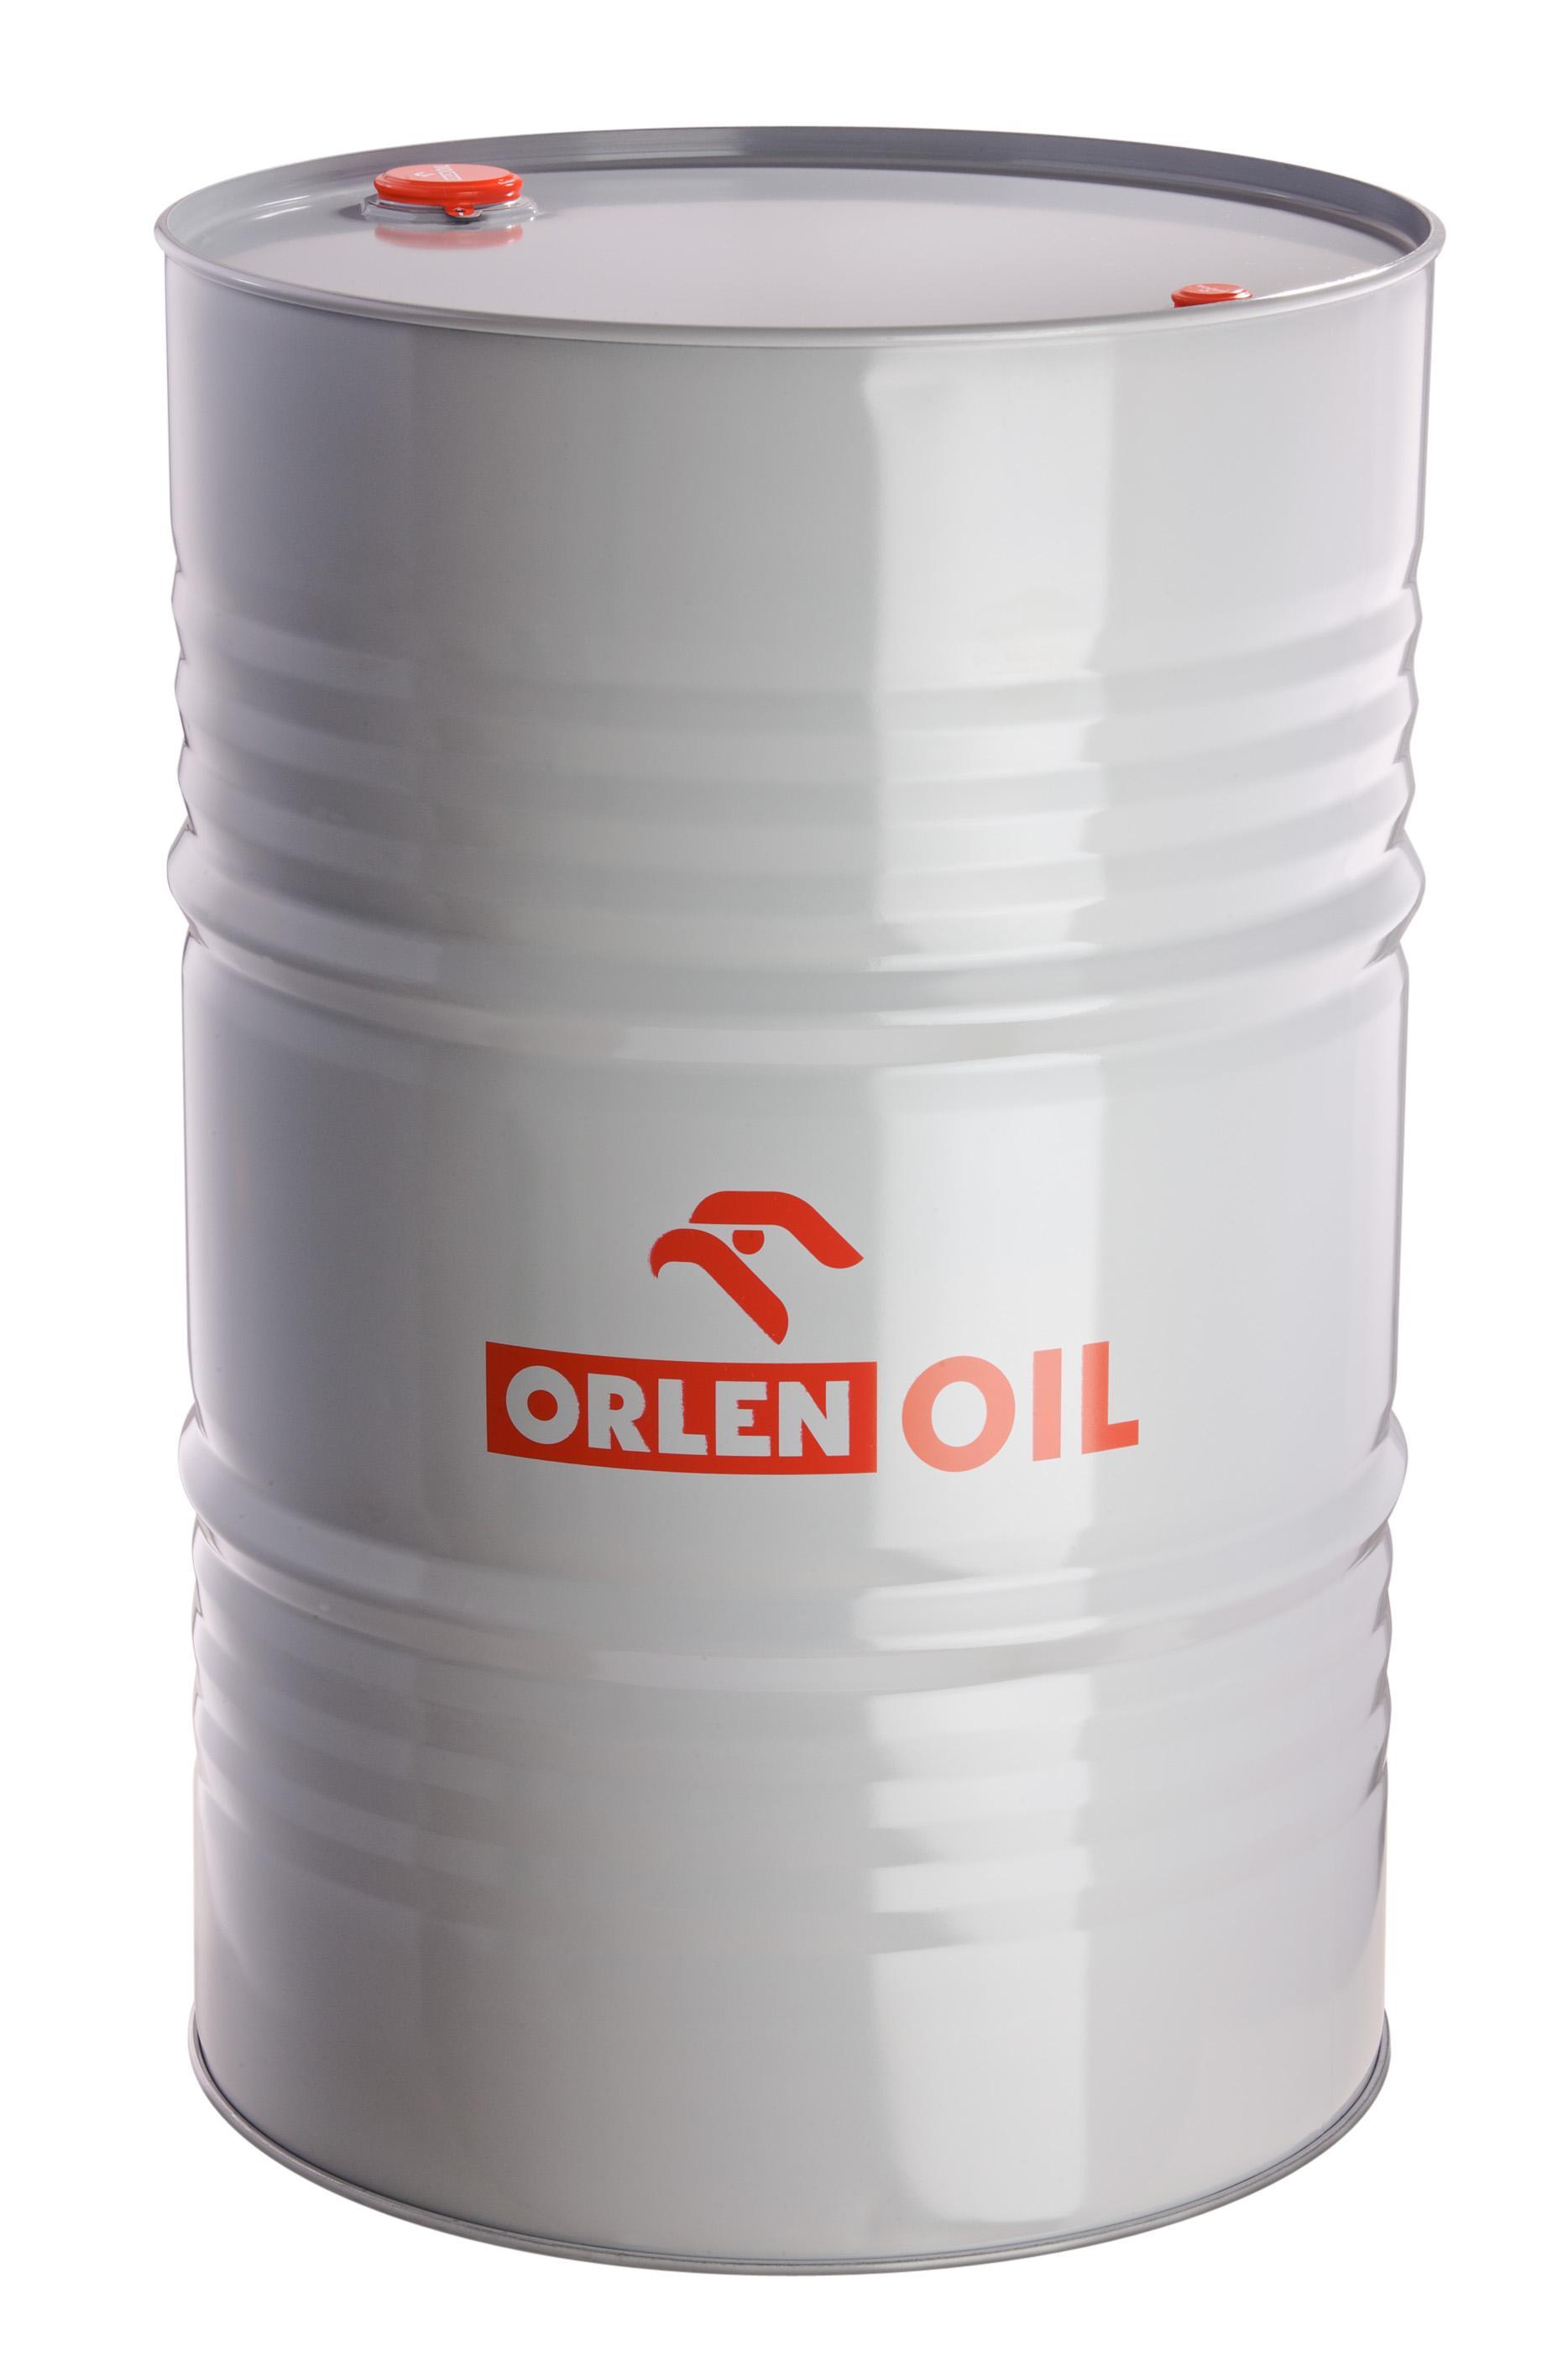 ORLEN OIL OLEJ SEPARACYJNY   BECZKA 205L